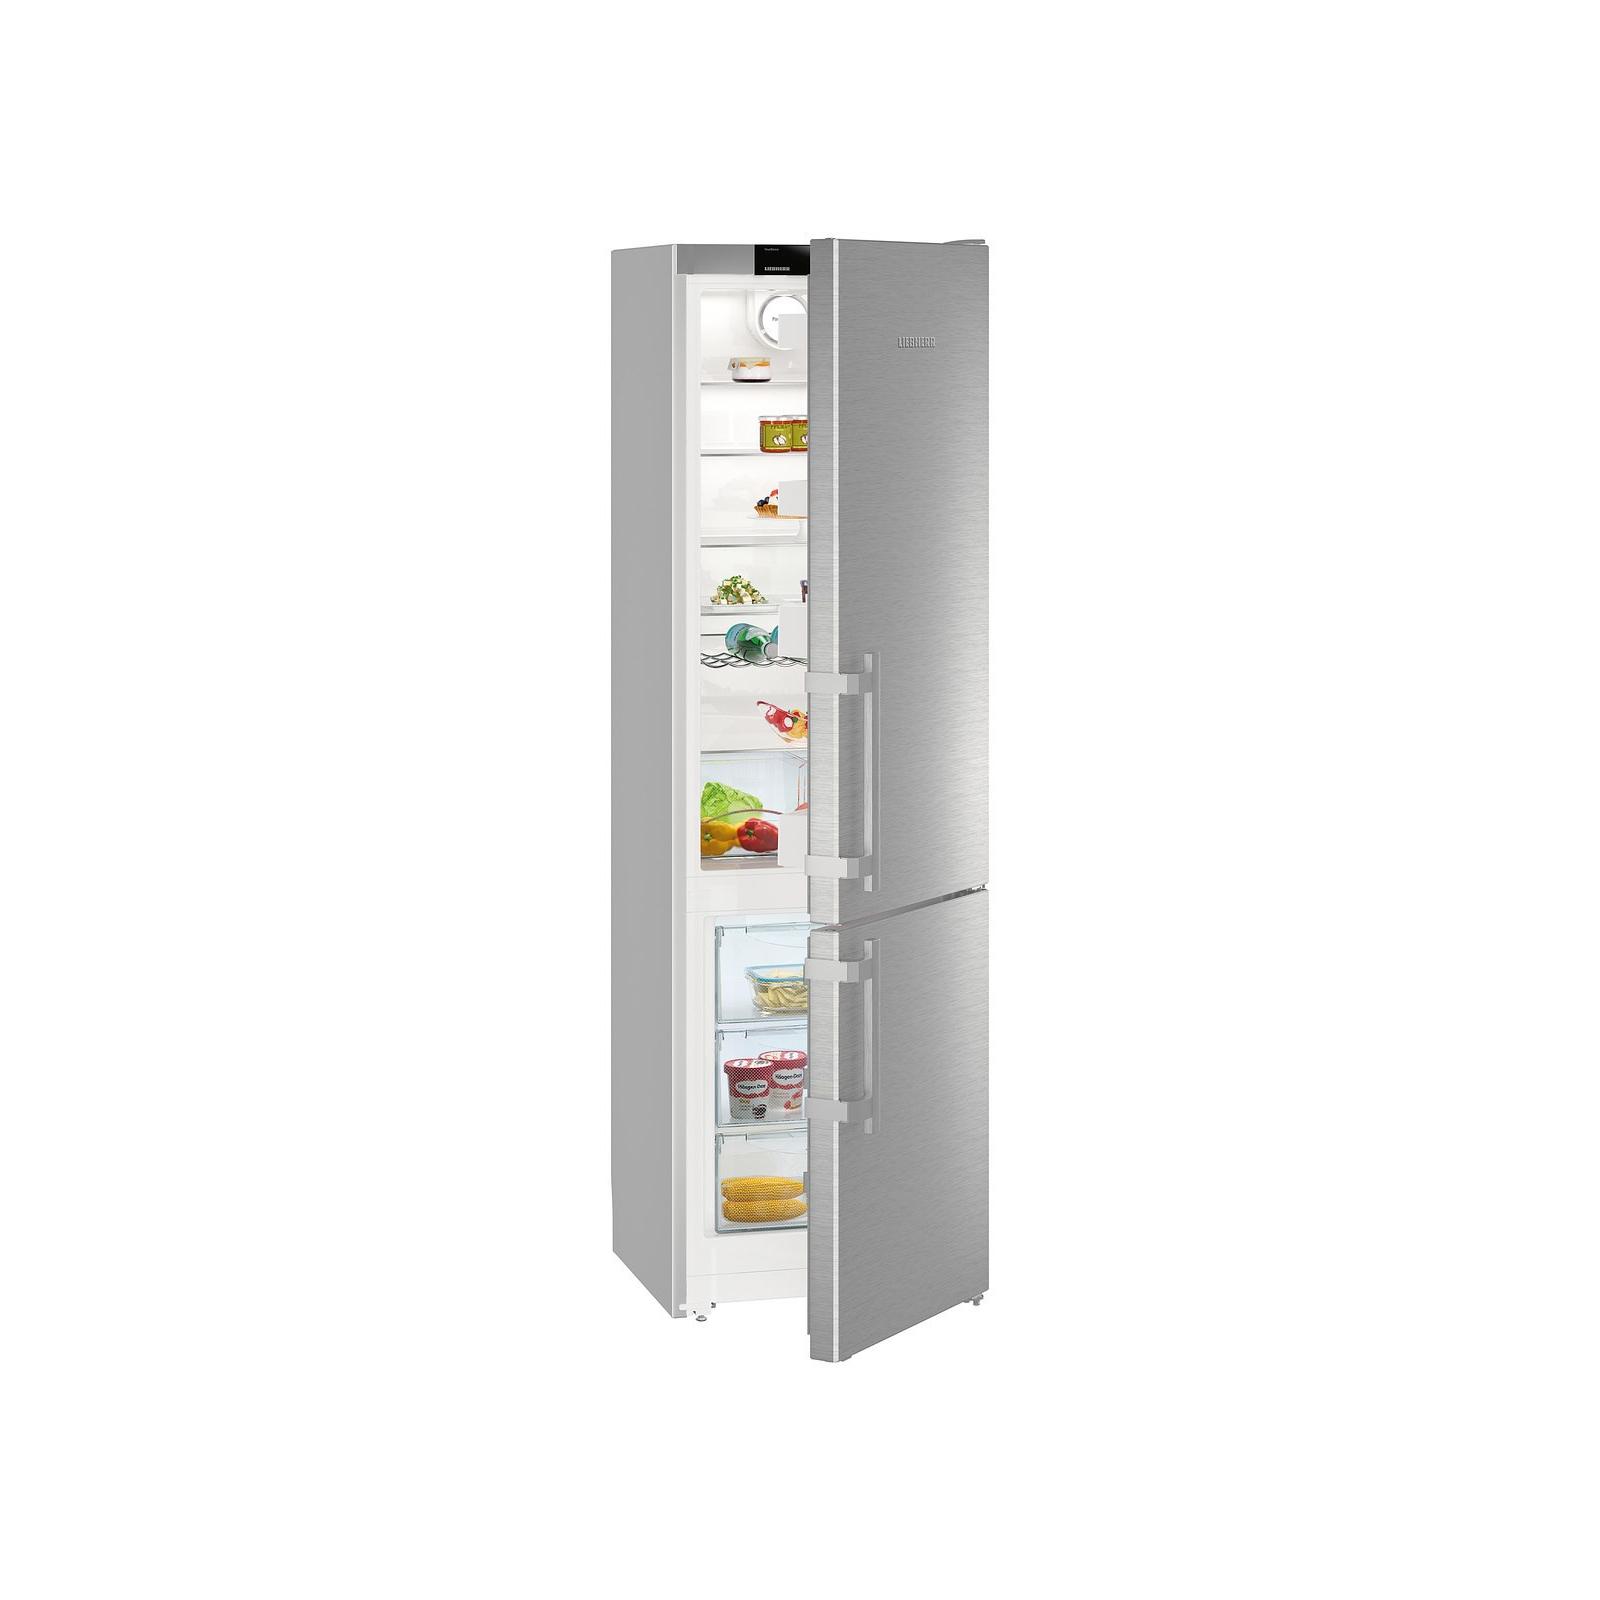 Холодильник Liebherr Cef 3825 изображение 4